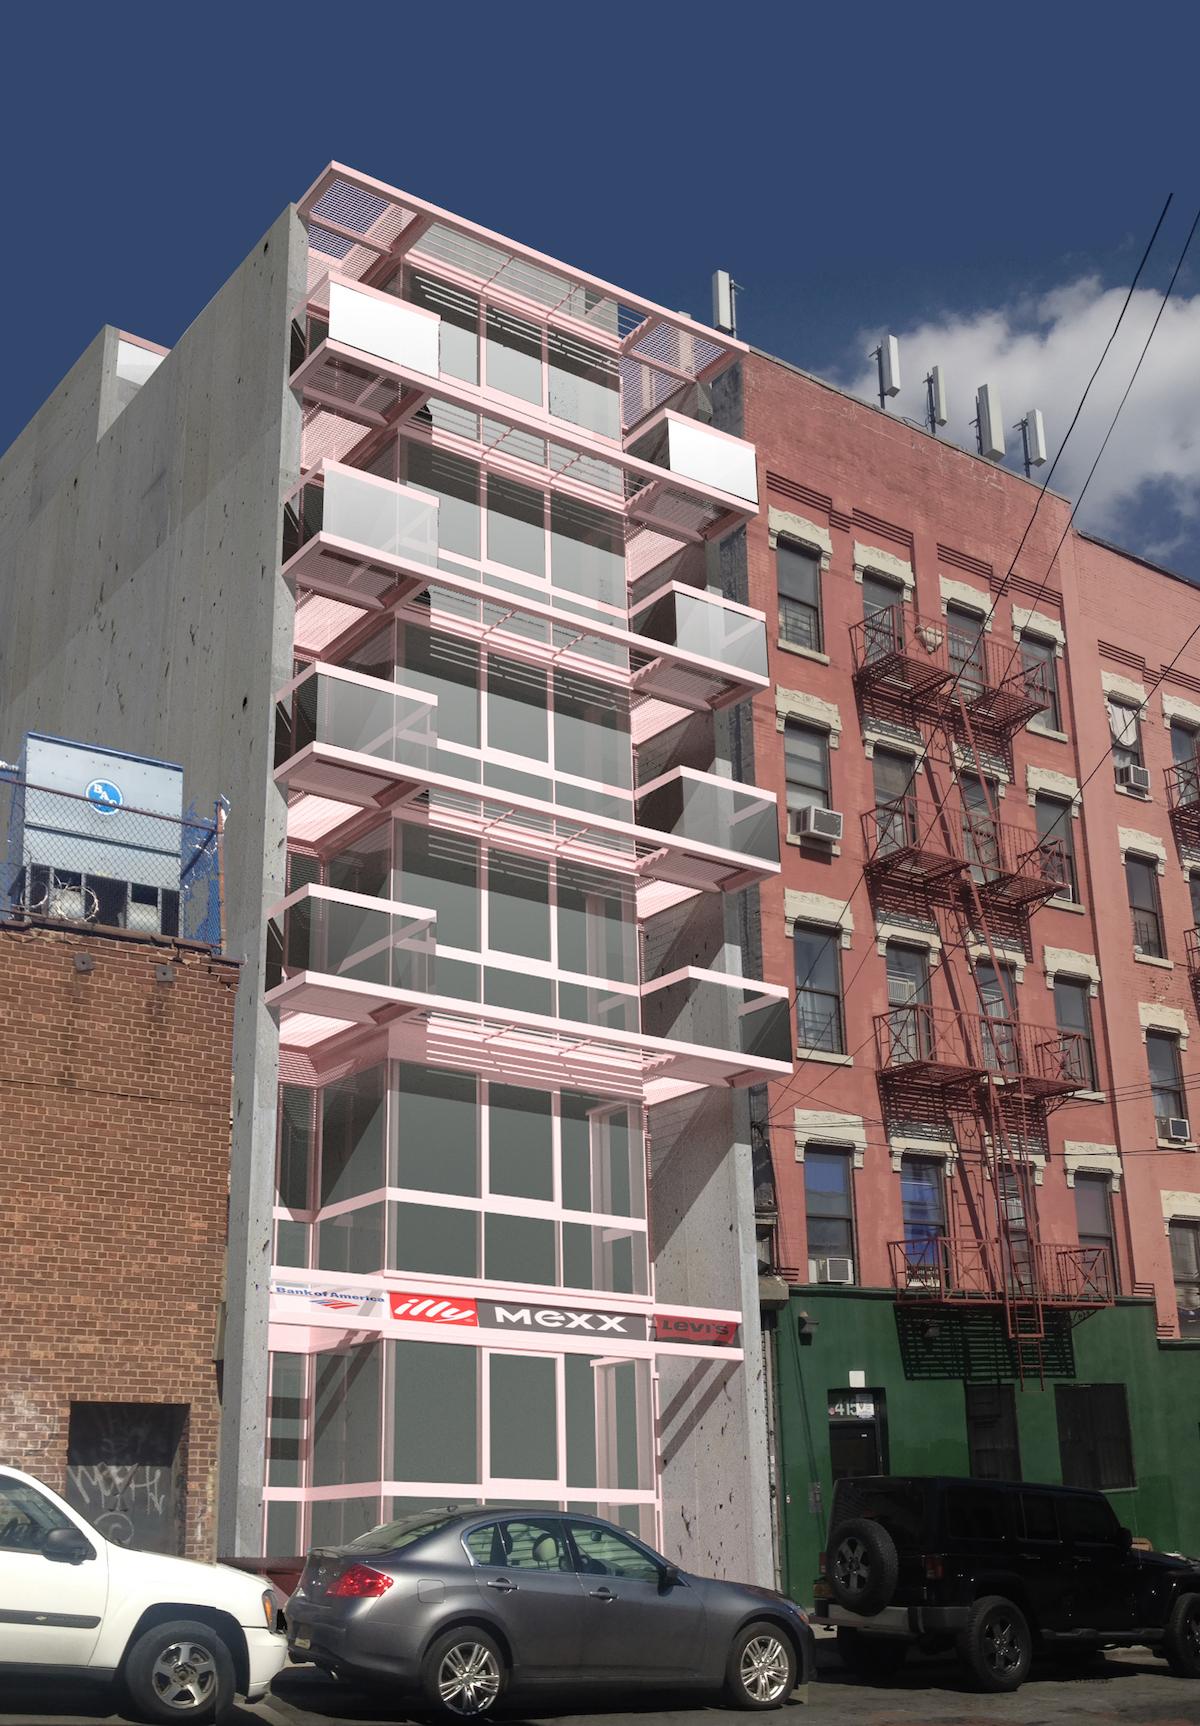 411 East 151st Street, rendering by Hany Rizkalla